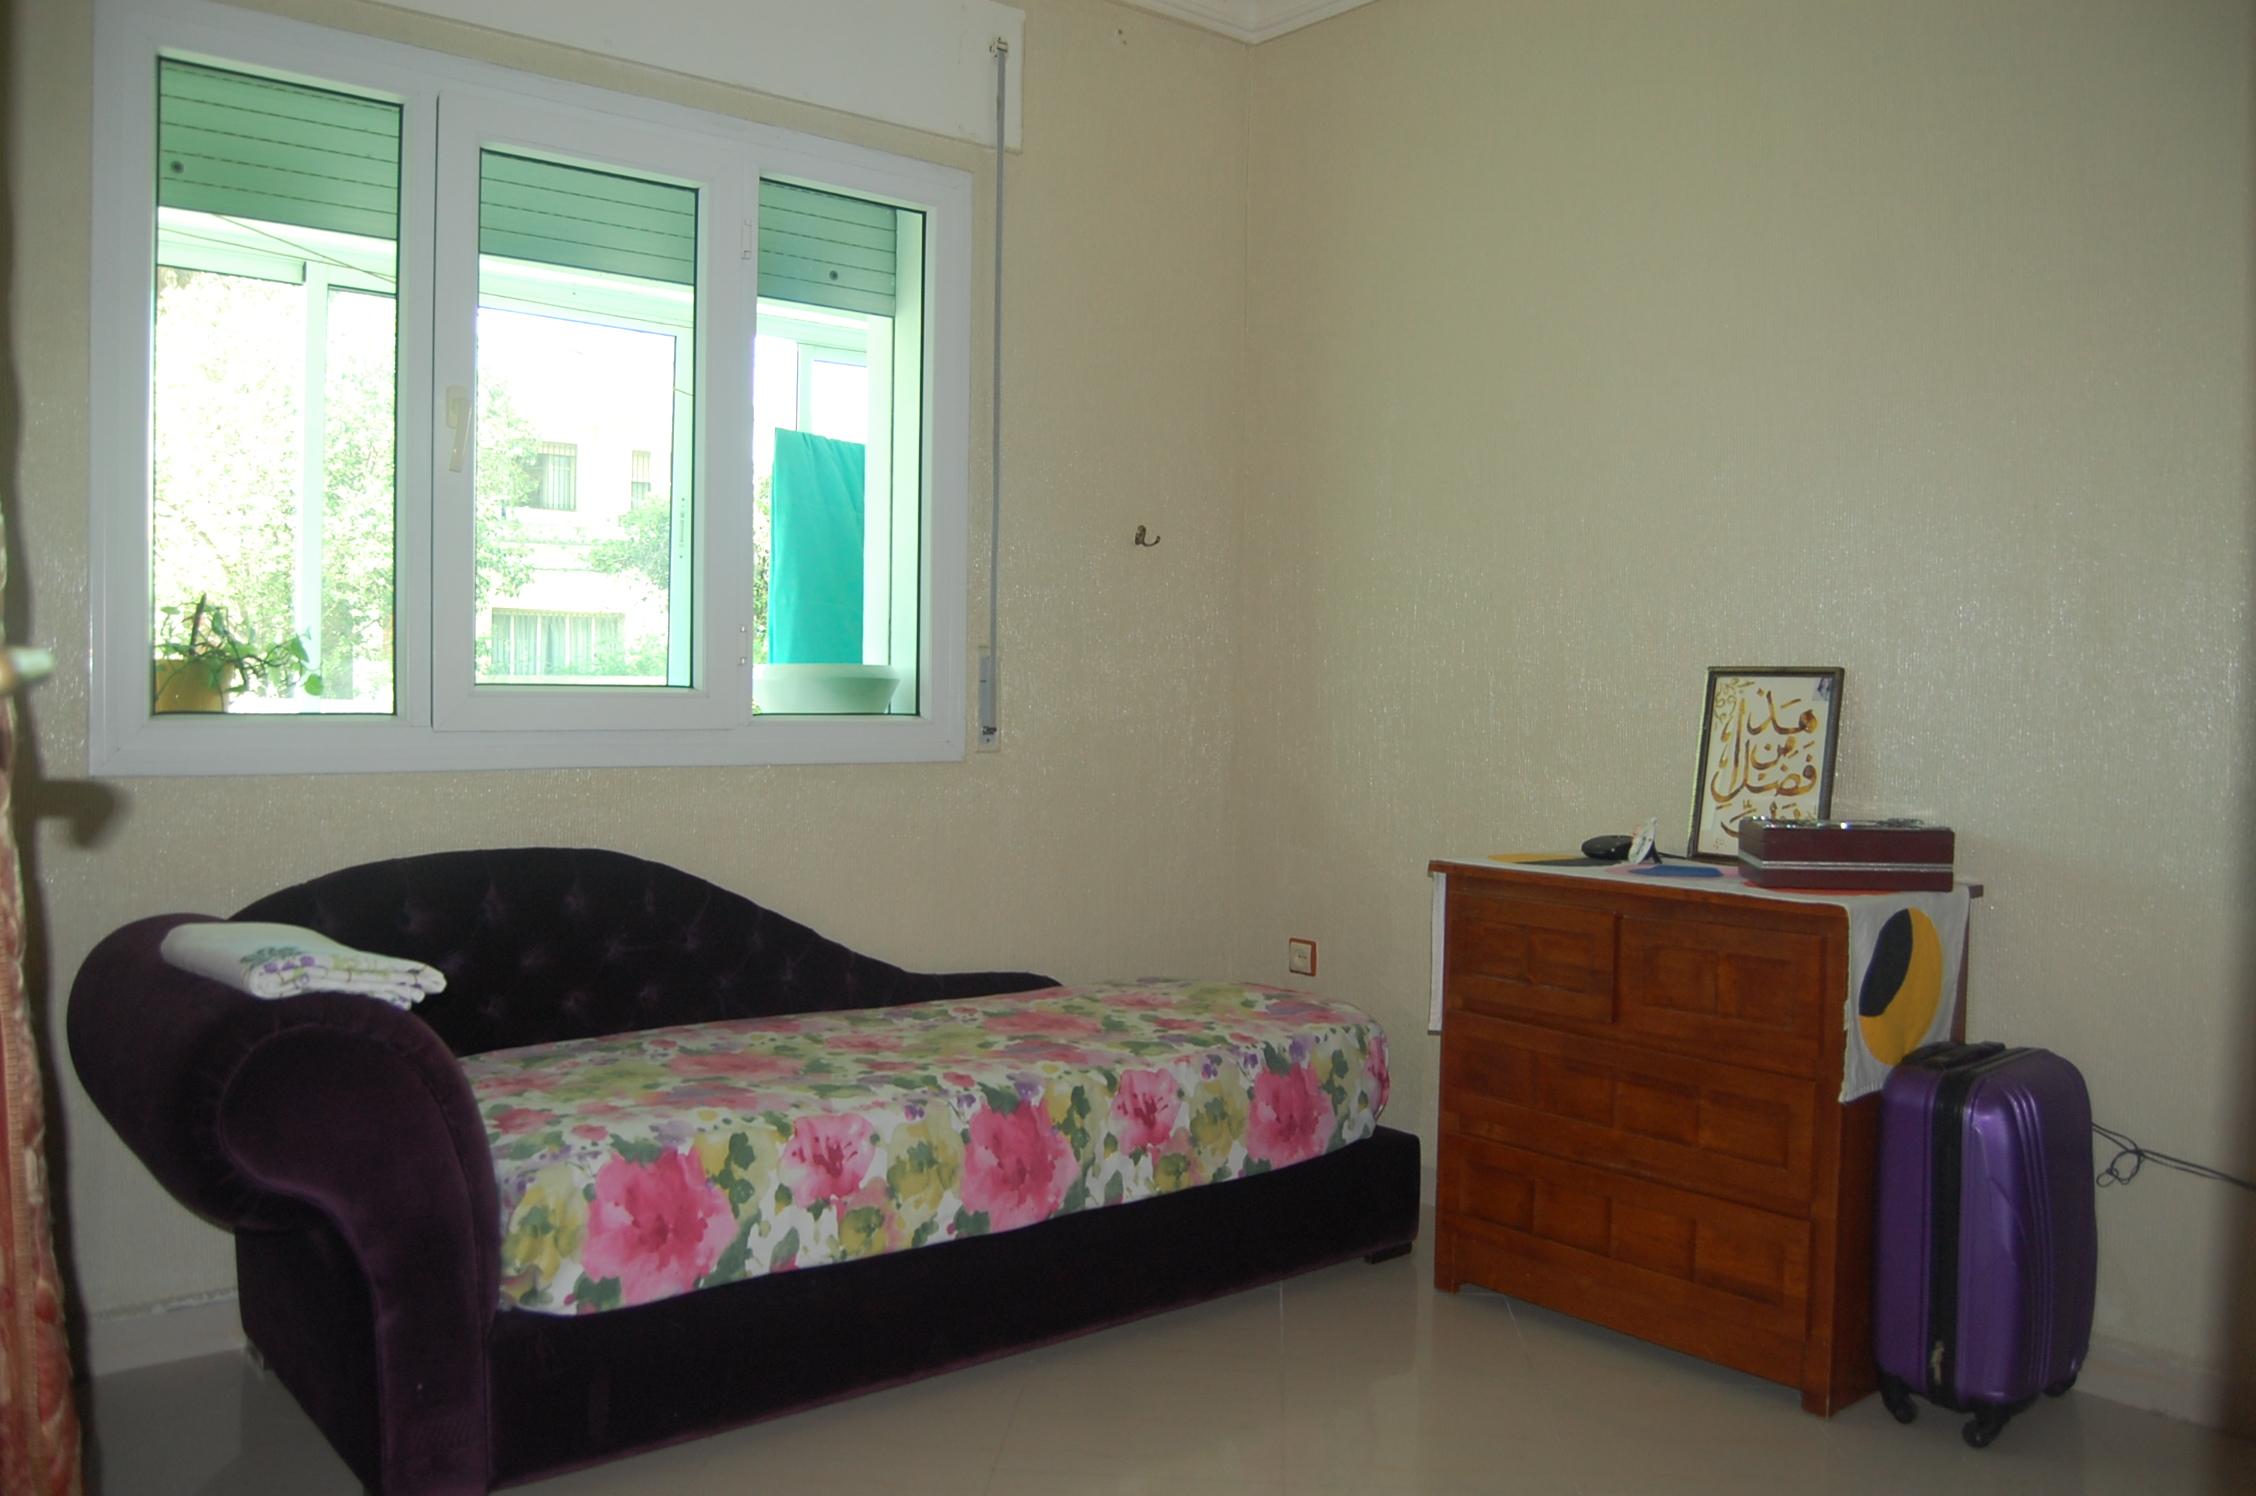 A vendre bel appartement f3 tanger villart for Chambre de commerce tetouan